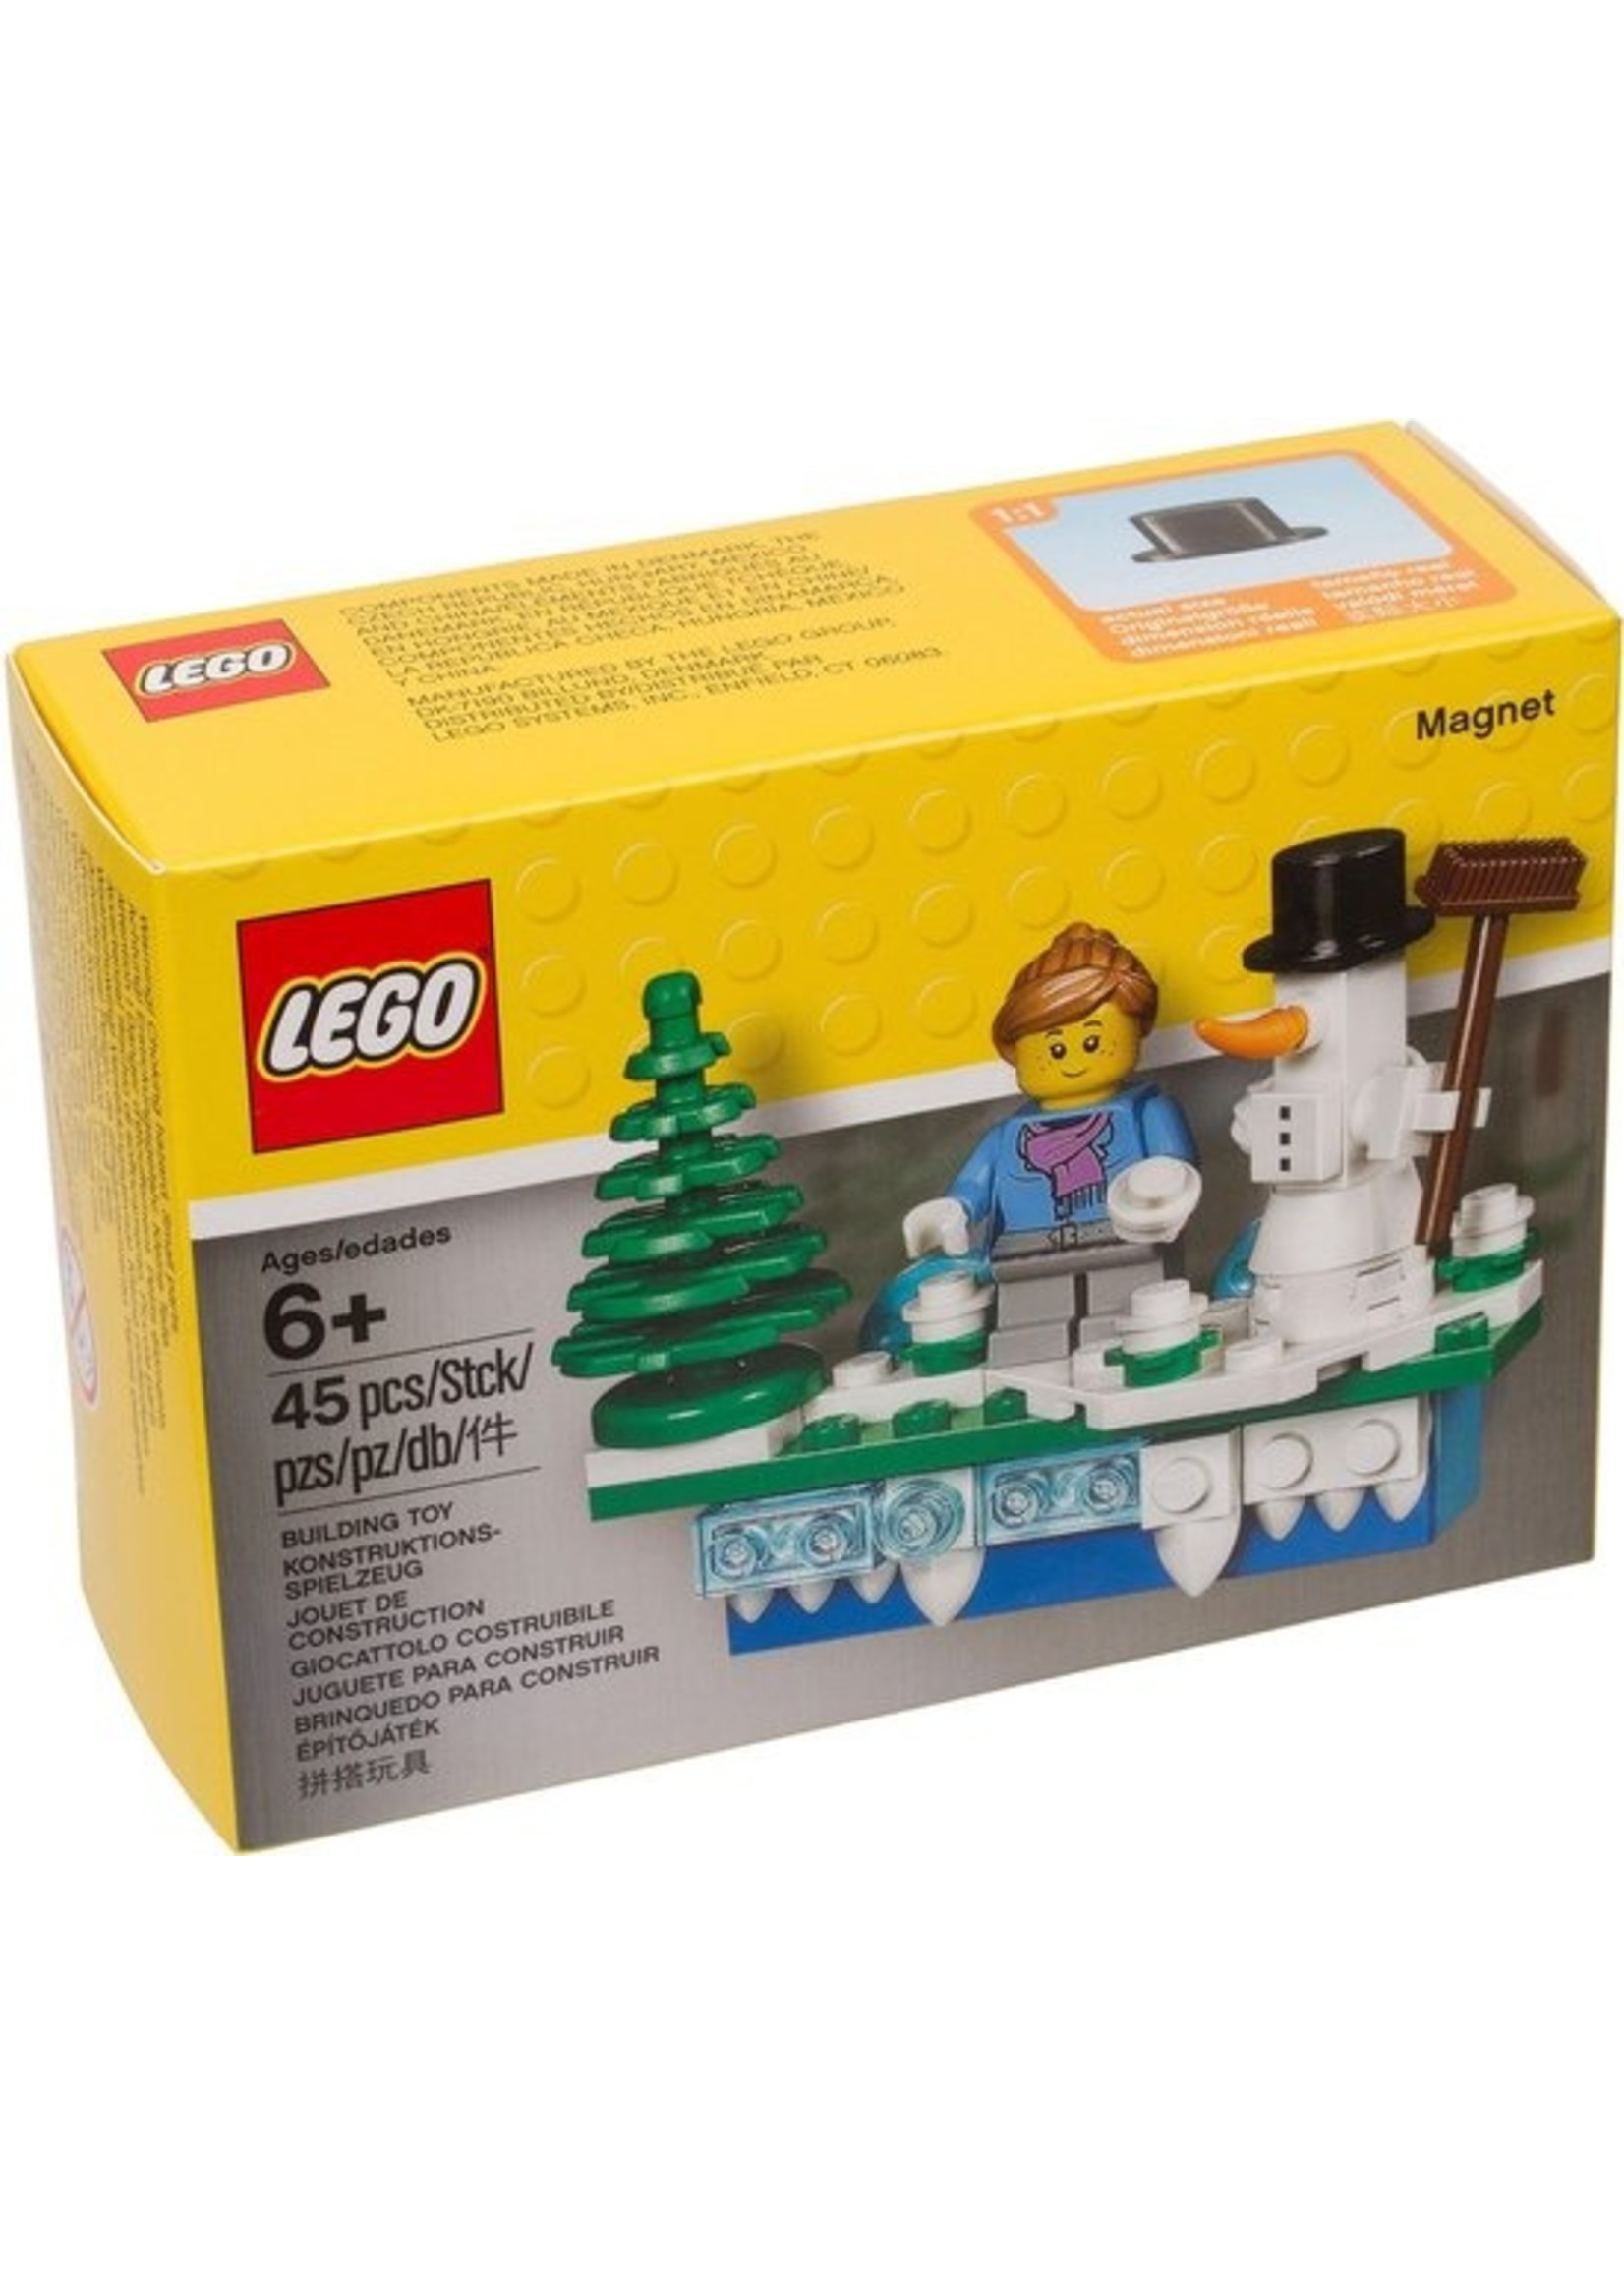 LEGO® Magneet met Kersttafereel - 853663